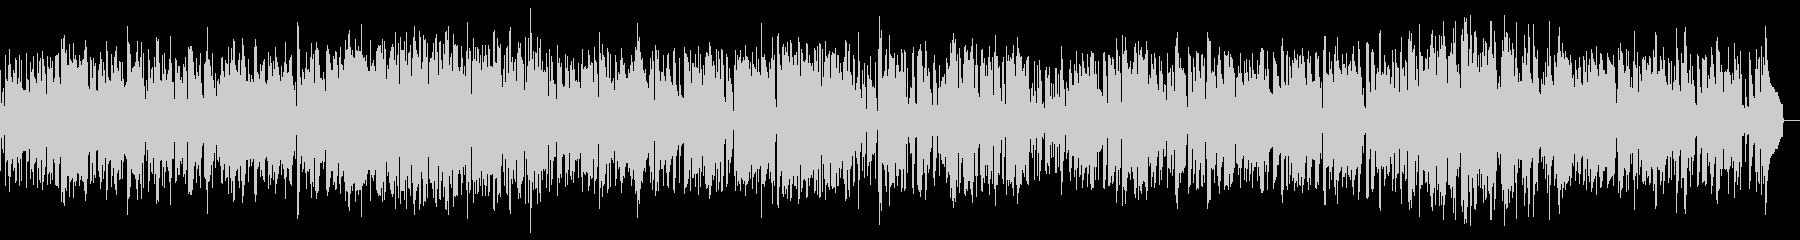 サックスのゆったりとしたスムースジャズの未再生の波形